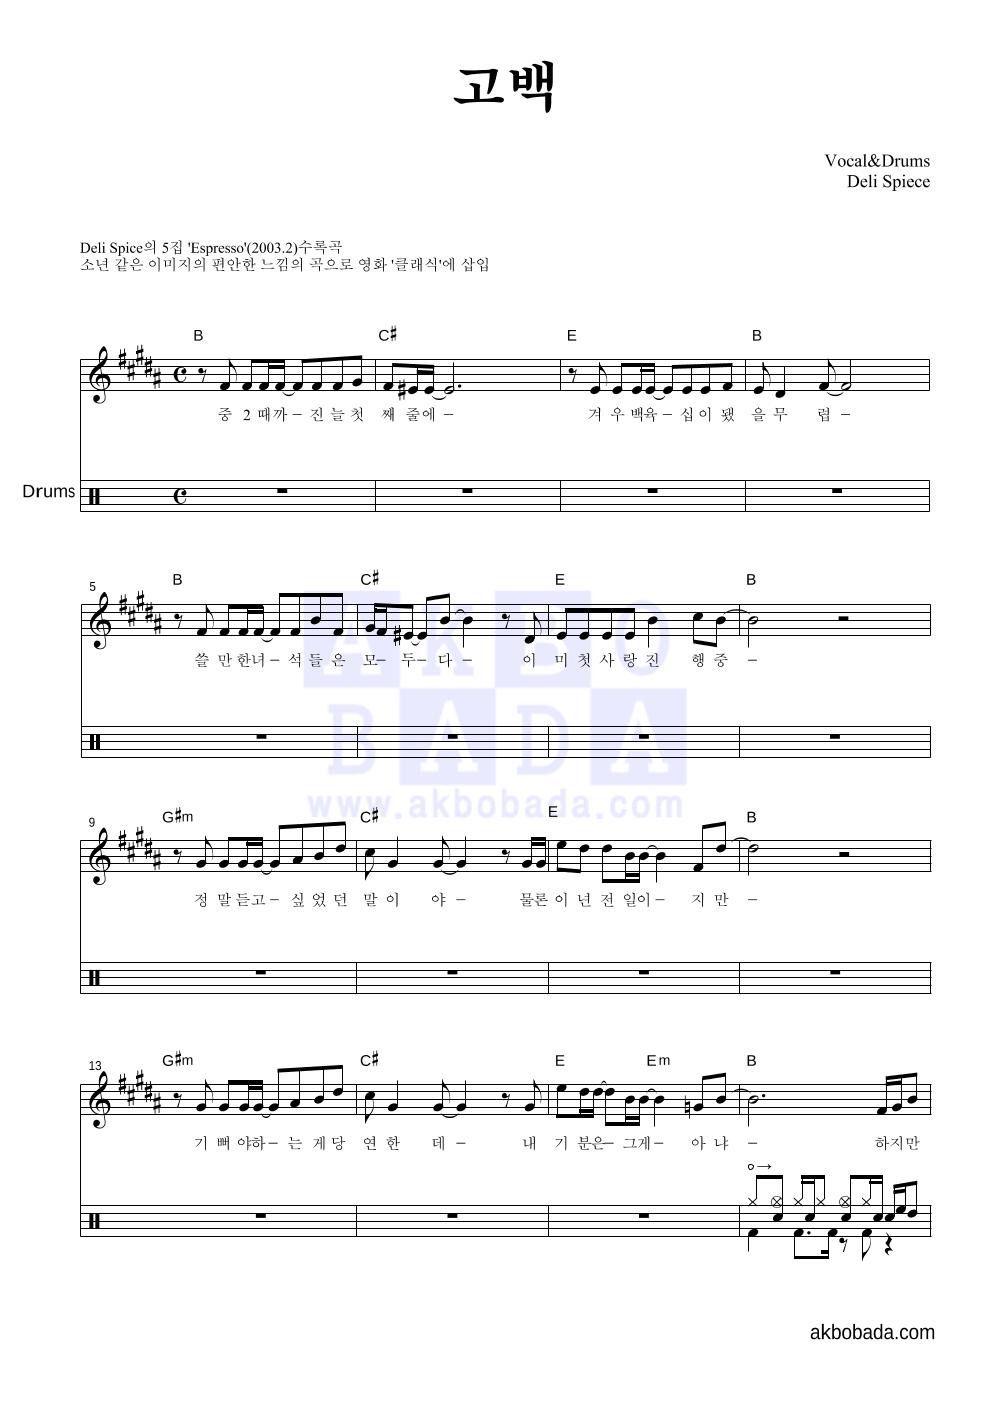 델리 스파이스 - 고백 드럼 악보